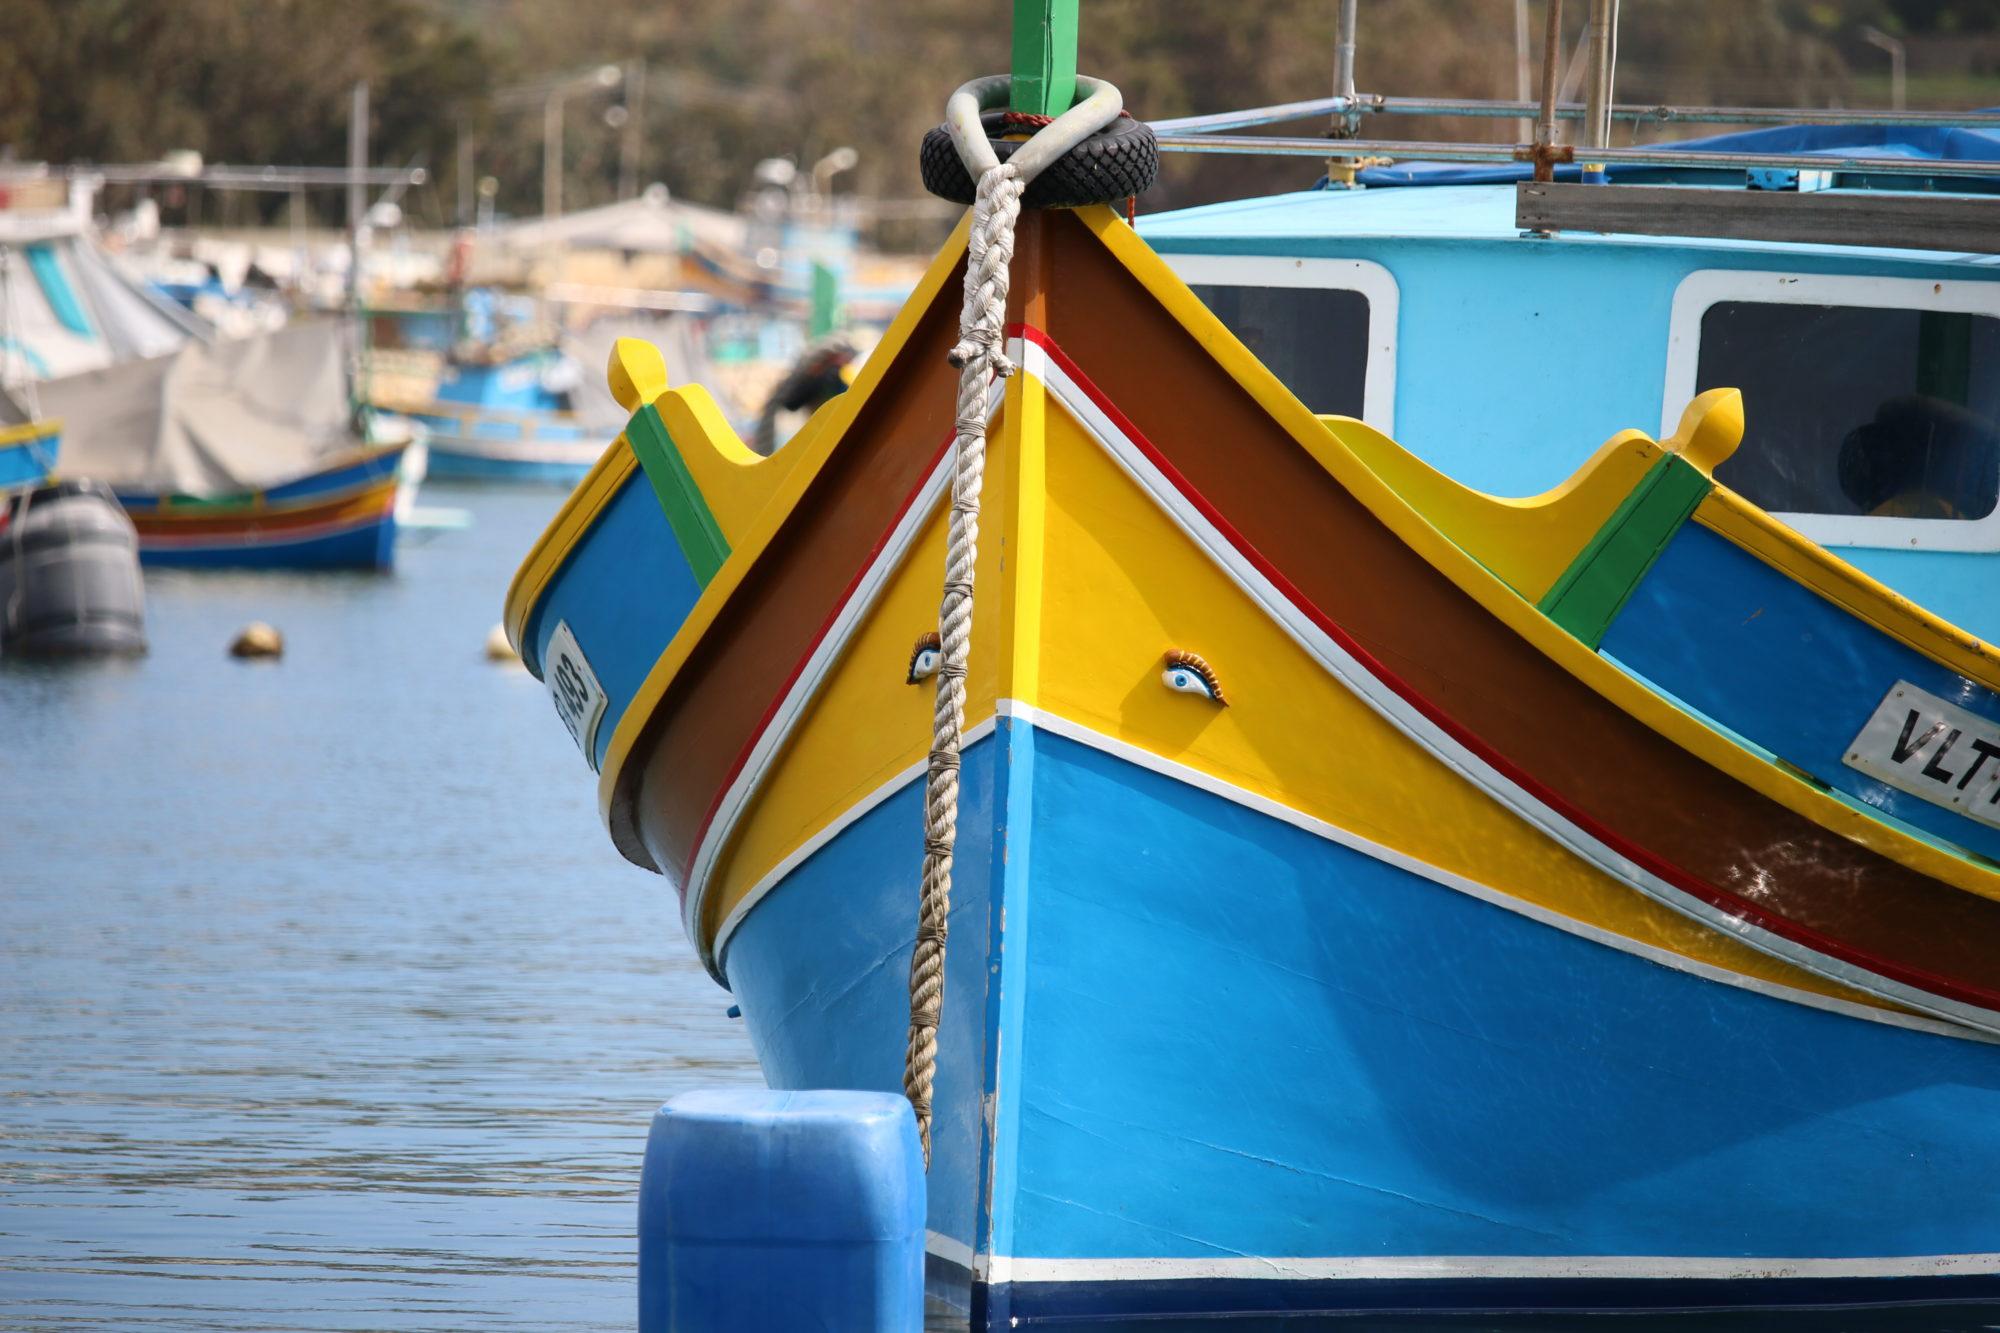 マルタ/マルサシュロックの漁村の朝市を楽しむ